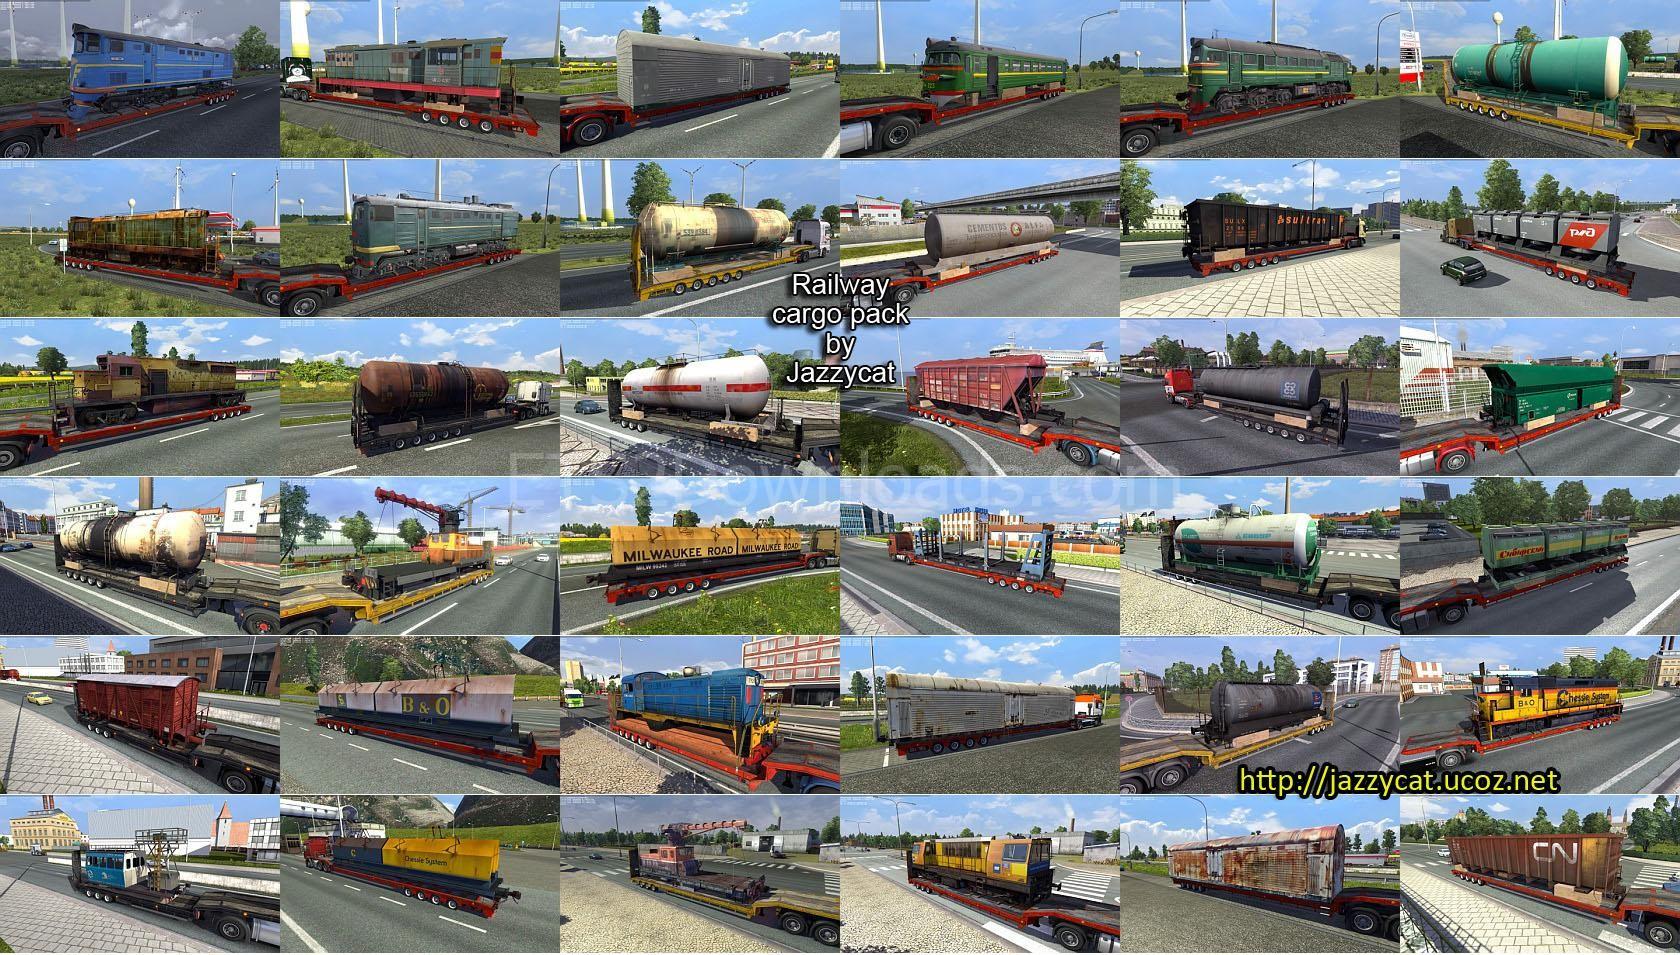 railway-cargo-pack-jazzycat-1